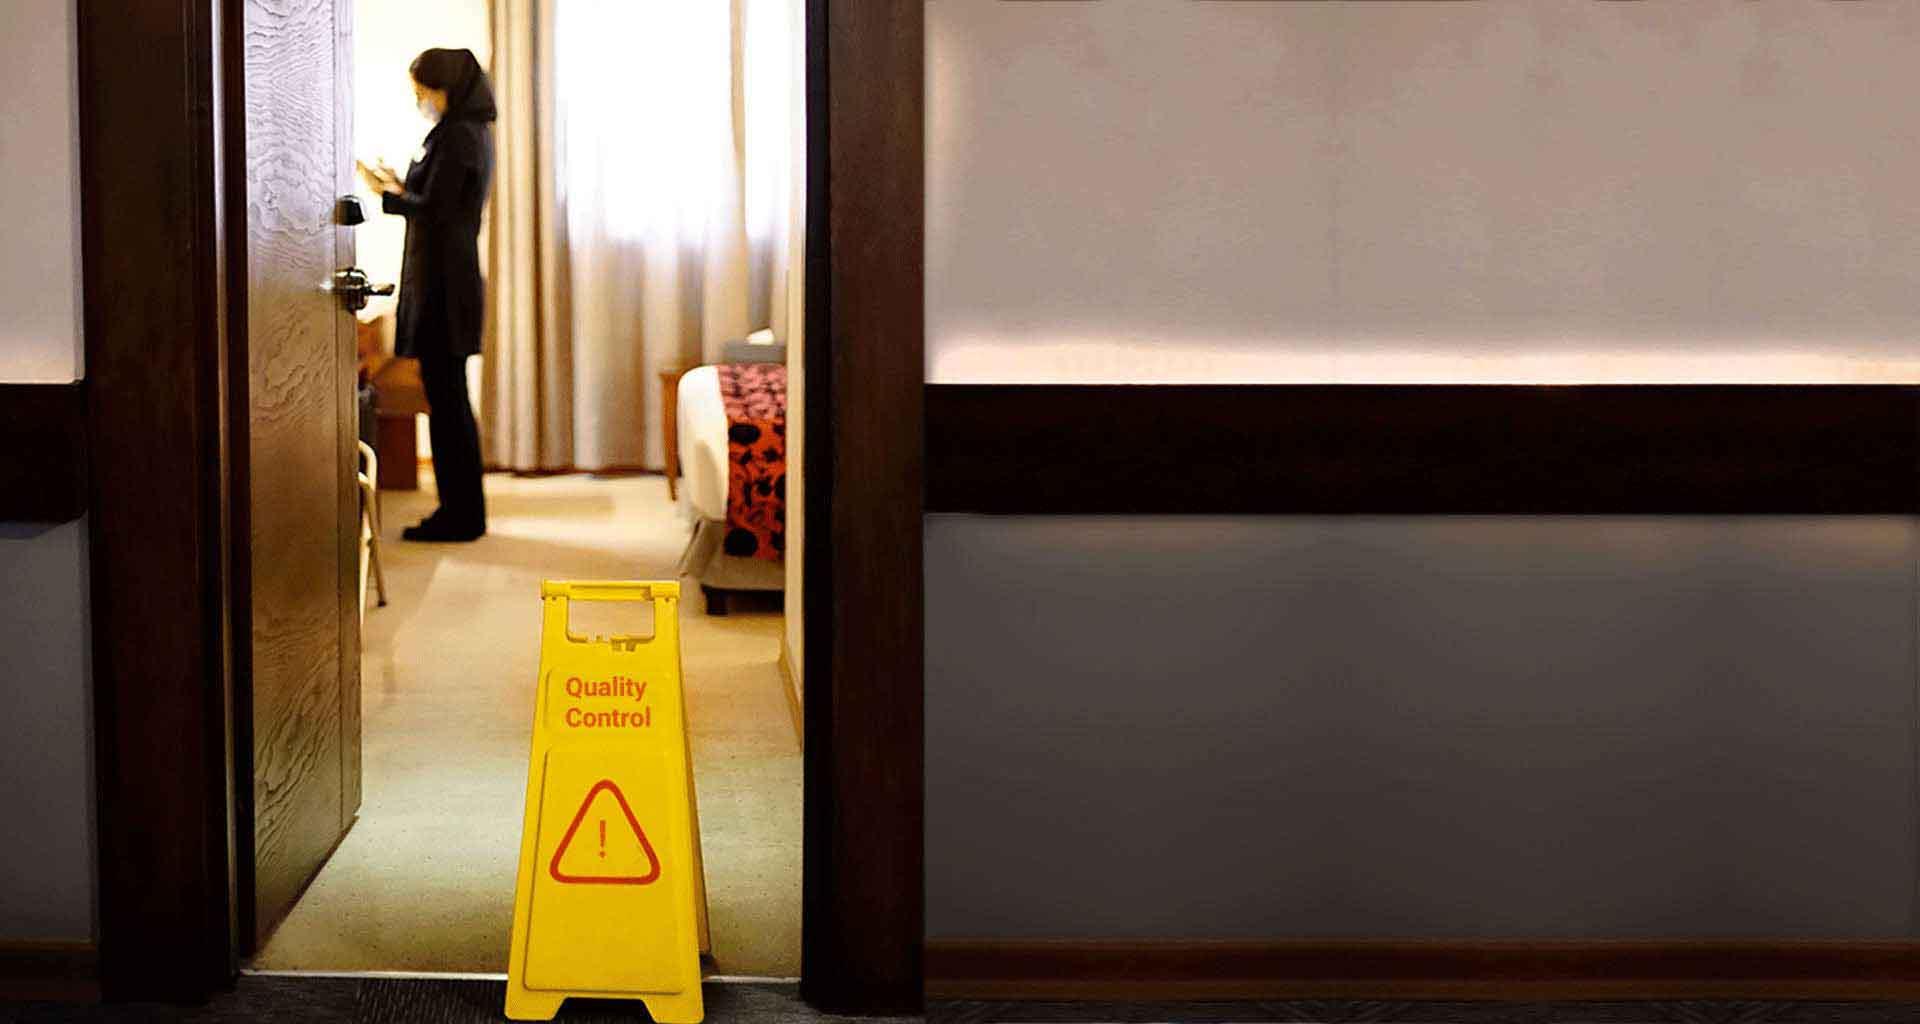 72 نقطه قبل از ورود شما با وسواس توسط واحد کنترل کیفی هتل الیزه چک می شود